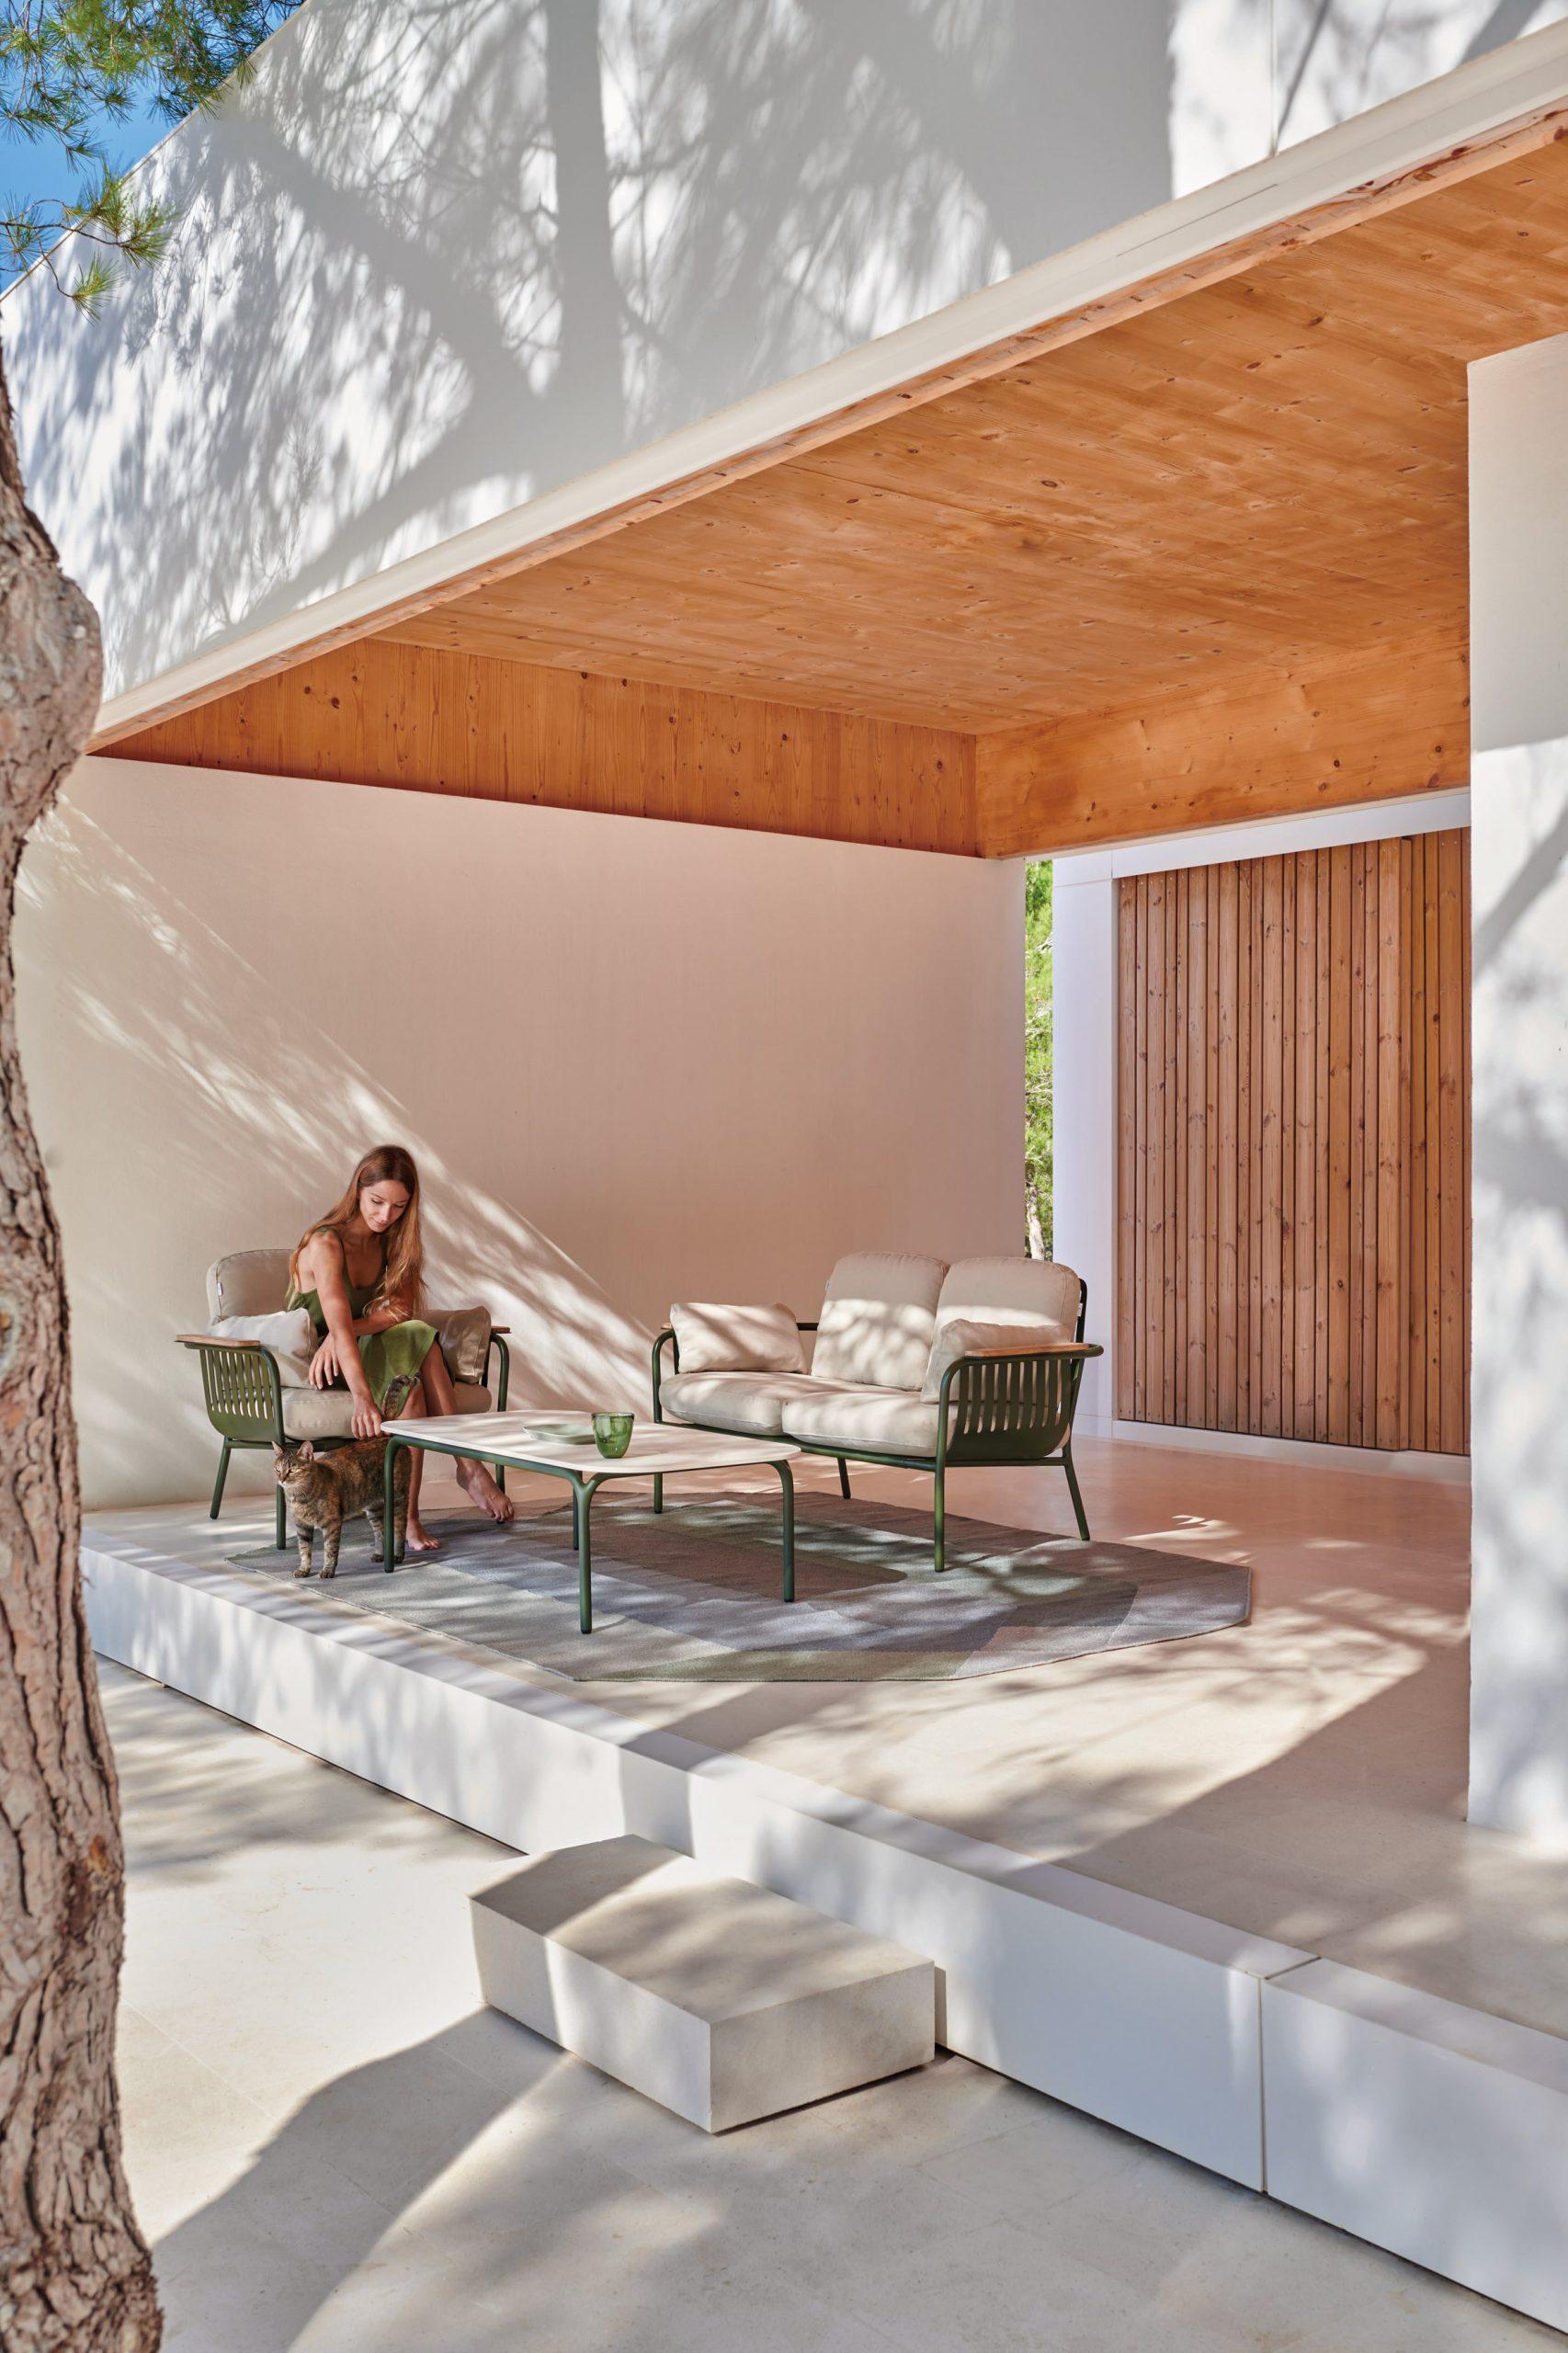 Outdoor furniture by Søren Rose for Gandiablasco